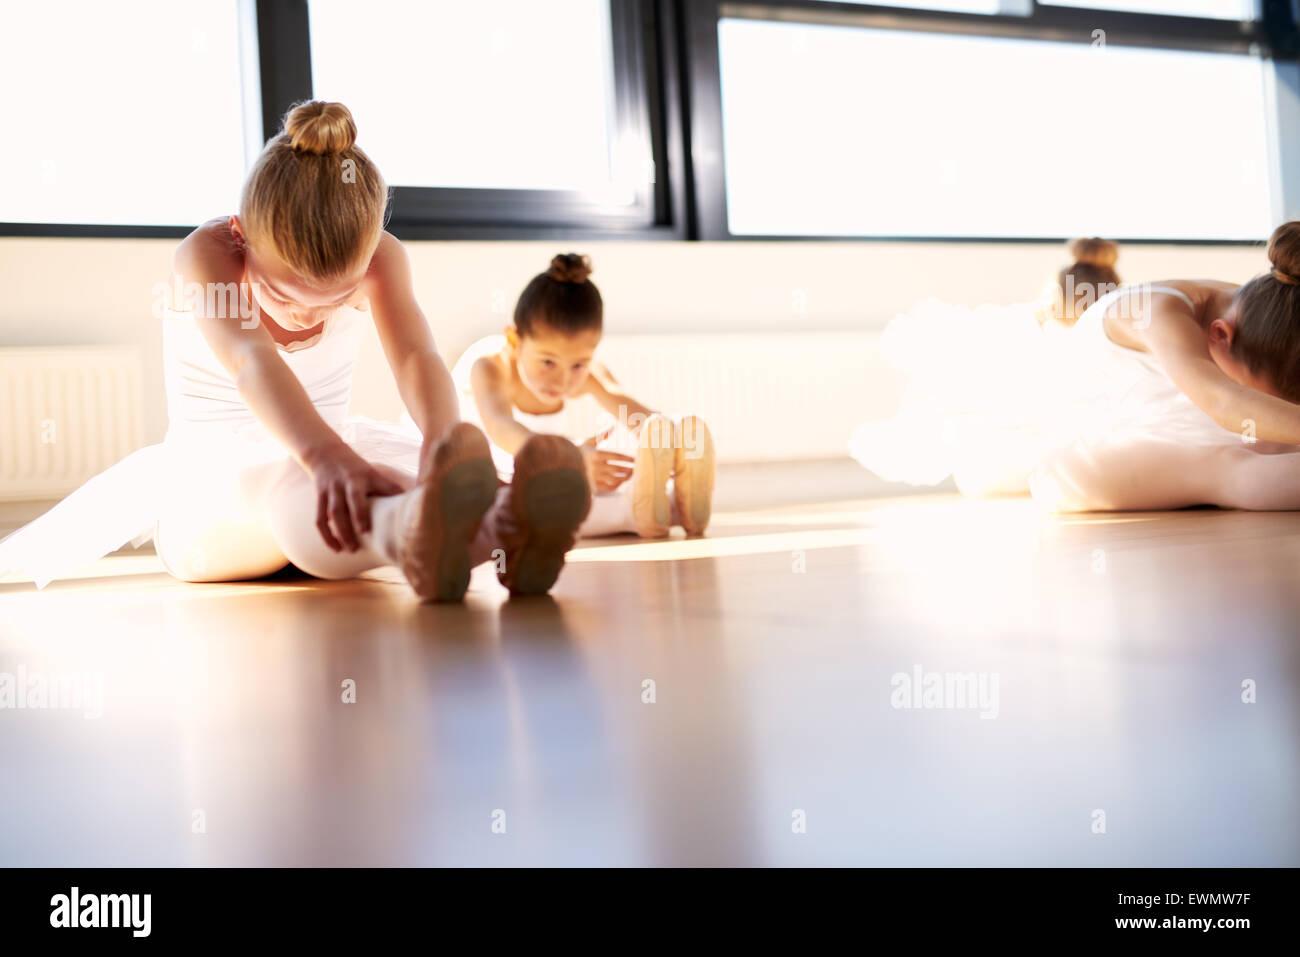 Poco balletto delle ragazze facendo un sit e raggiungere il warm-up Esercizio per stiramento del corpo all'interno Immagini Stock